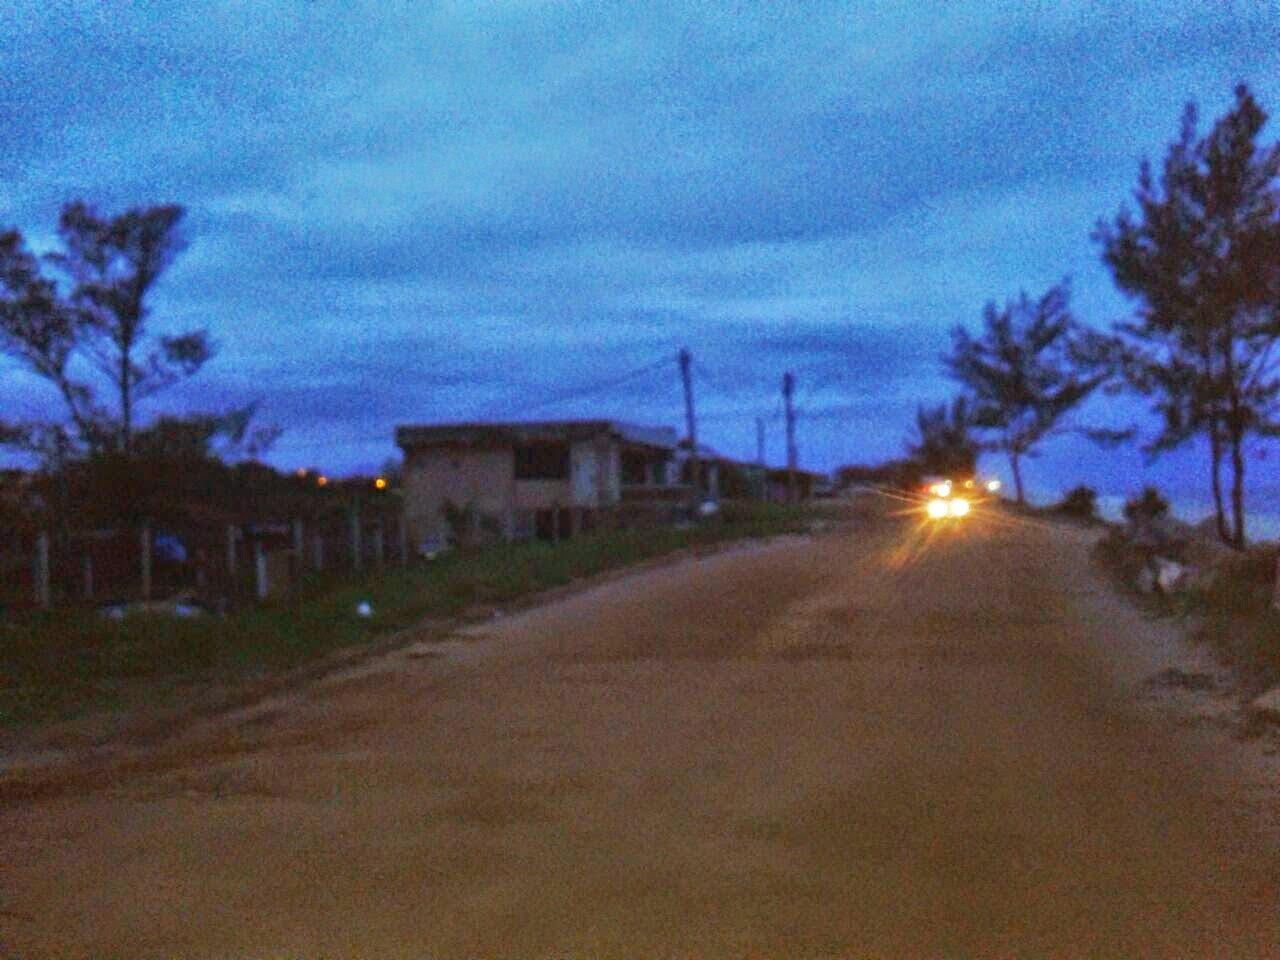 A Ampla está sendo processada pelo Procon-RJ devido à falha no fornecimento  de energia em Niterói, São Gonçalo e Maricá no último domingo de carnaval. c6eea11fe4